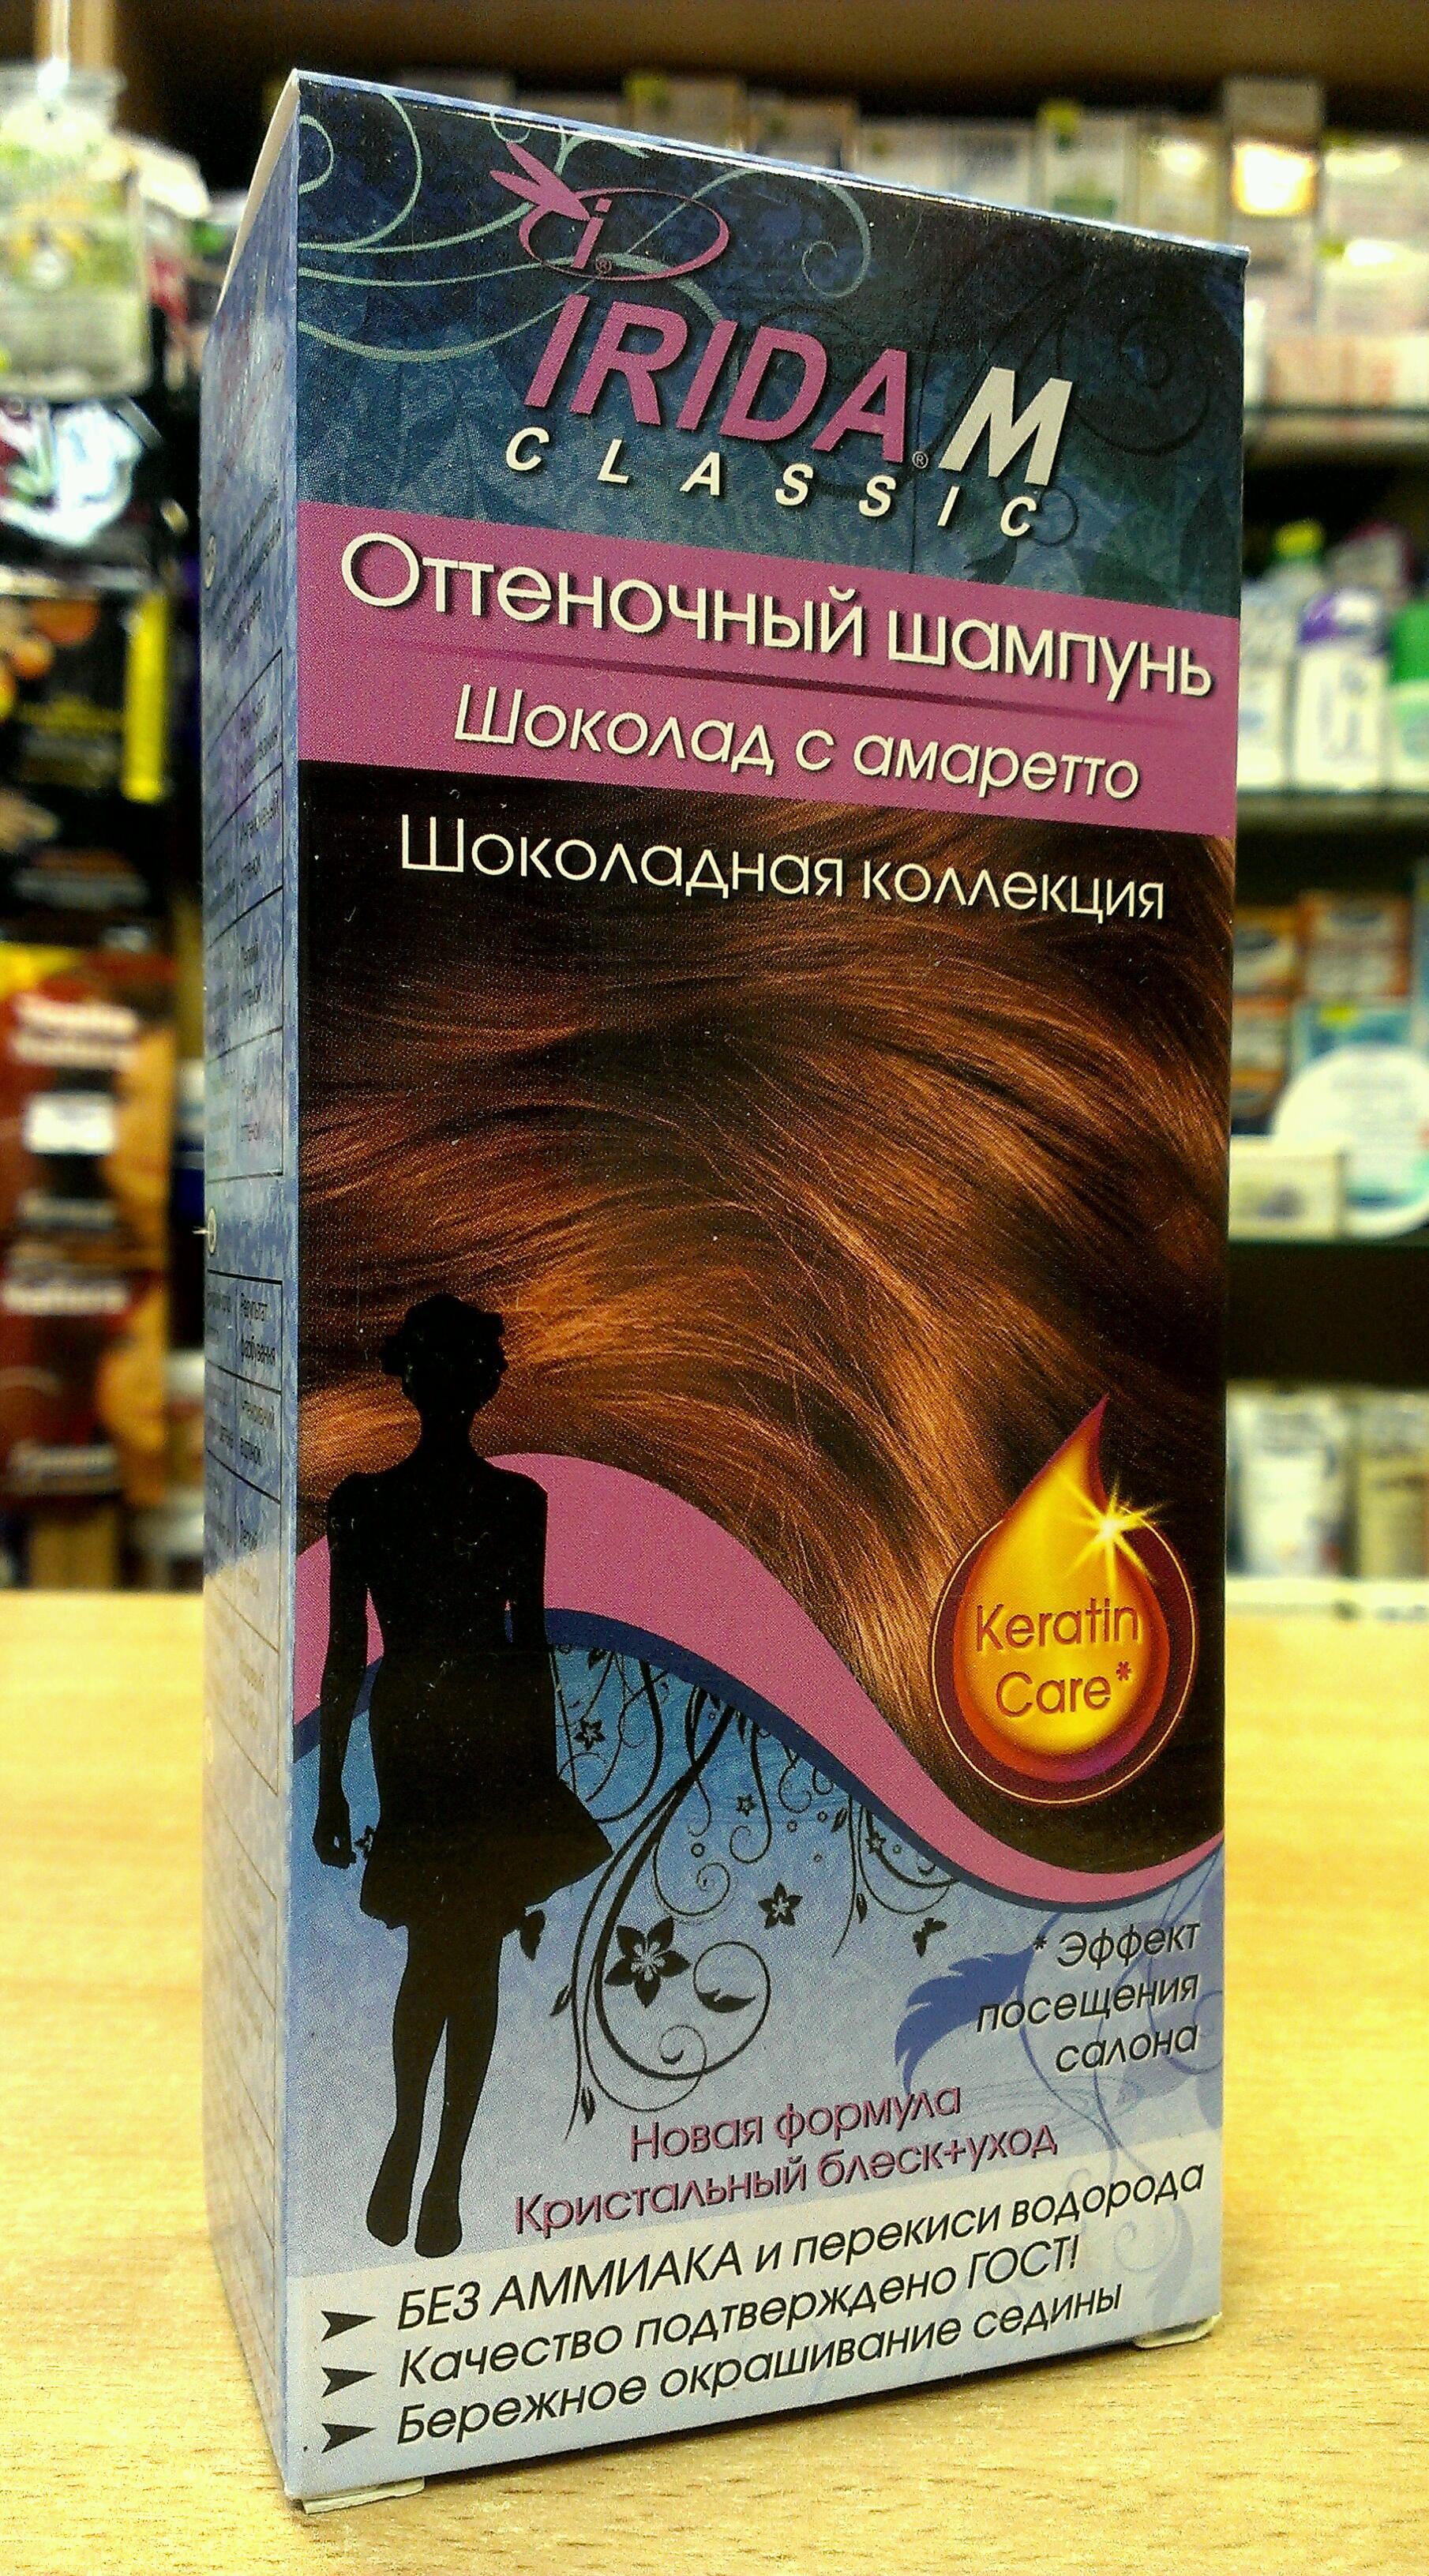 Ирида оттеночный шампунь палитра цветов фото